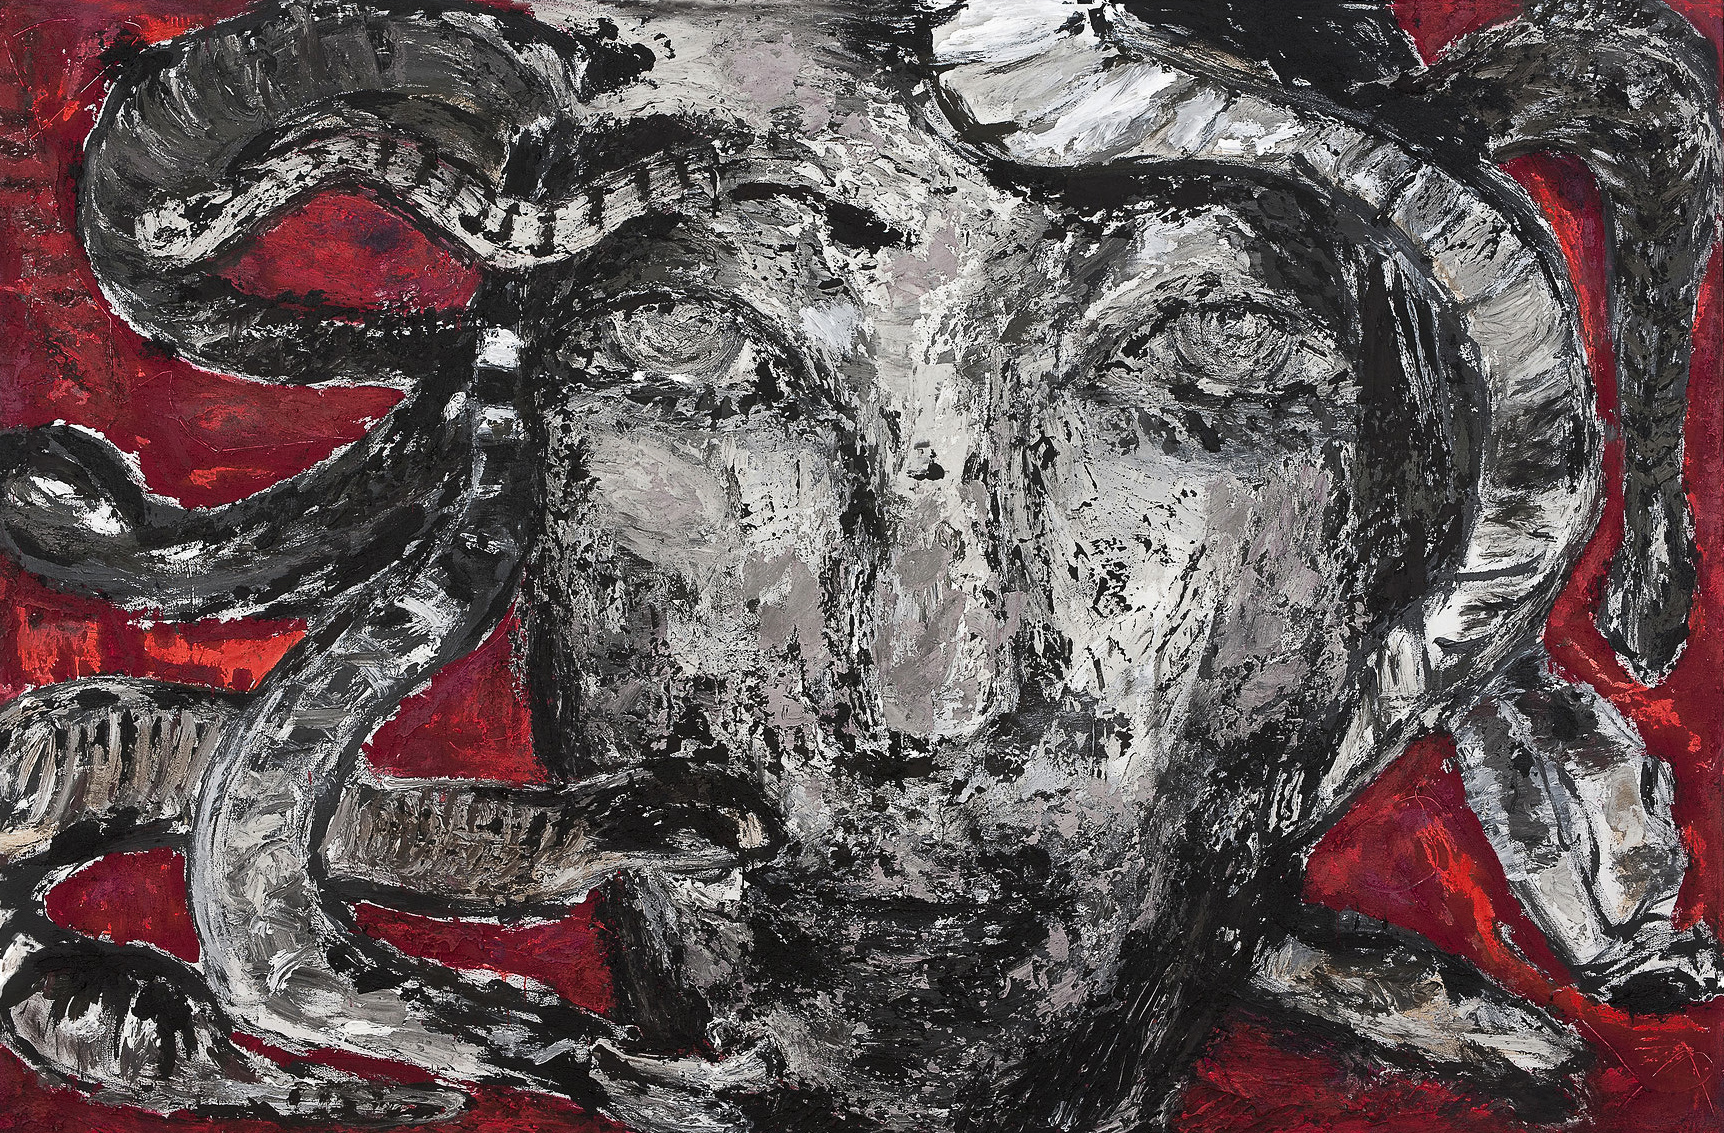 Medusa, 2014, Mischtechnik auf Leinwand, 200 x 310 cm